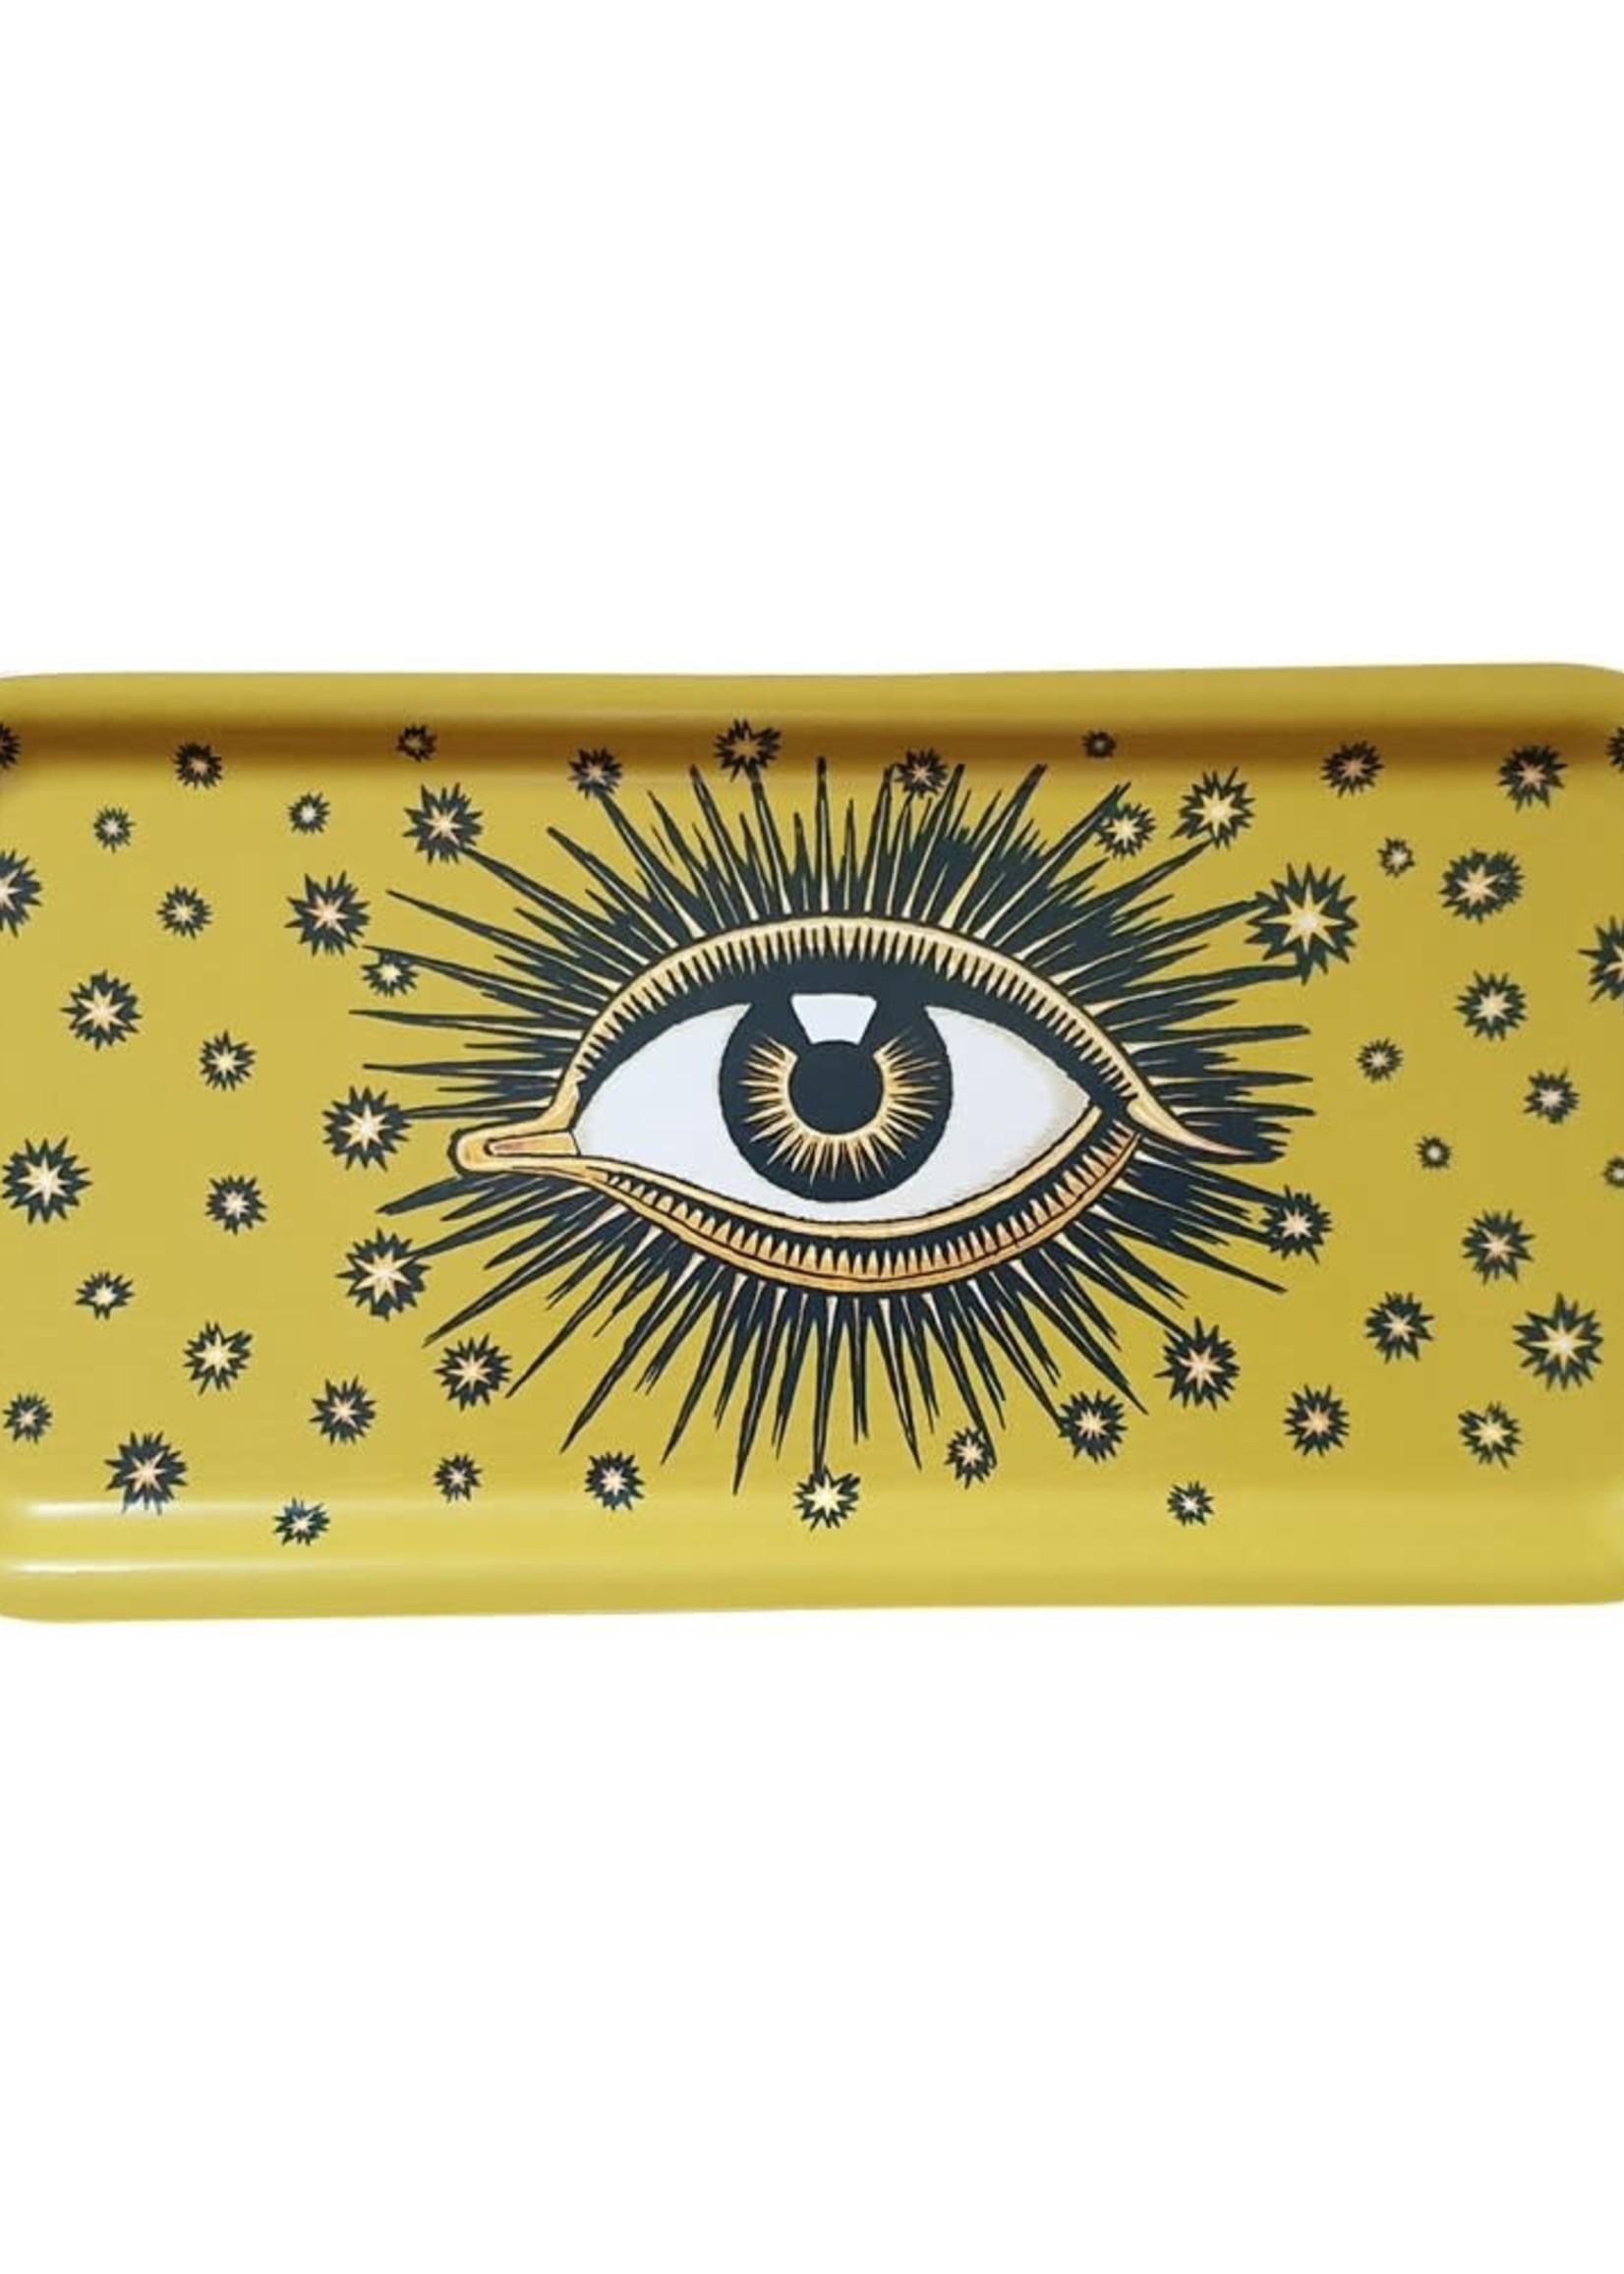 Les Ottomans Dienblad oog GEEL hout 27.5x13.5